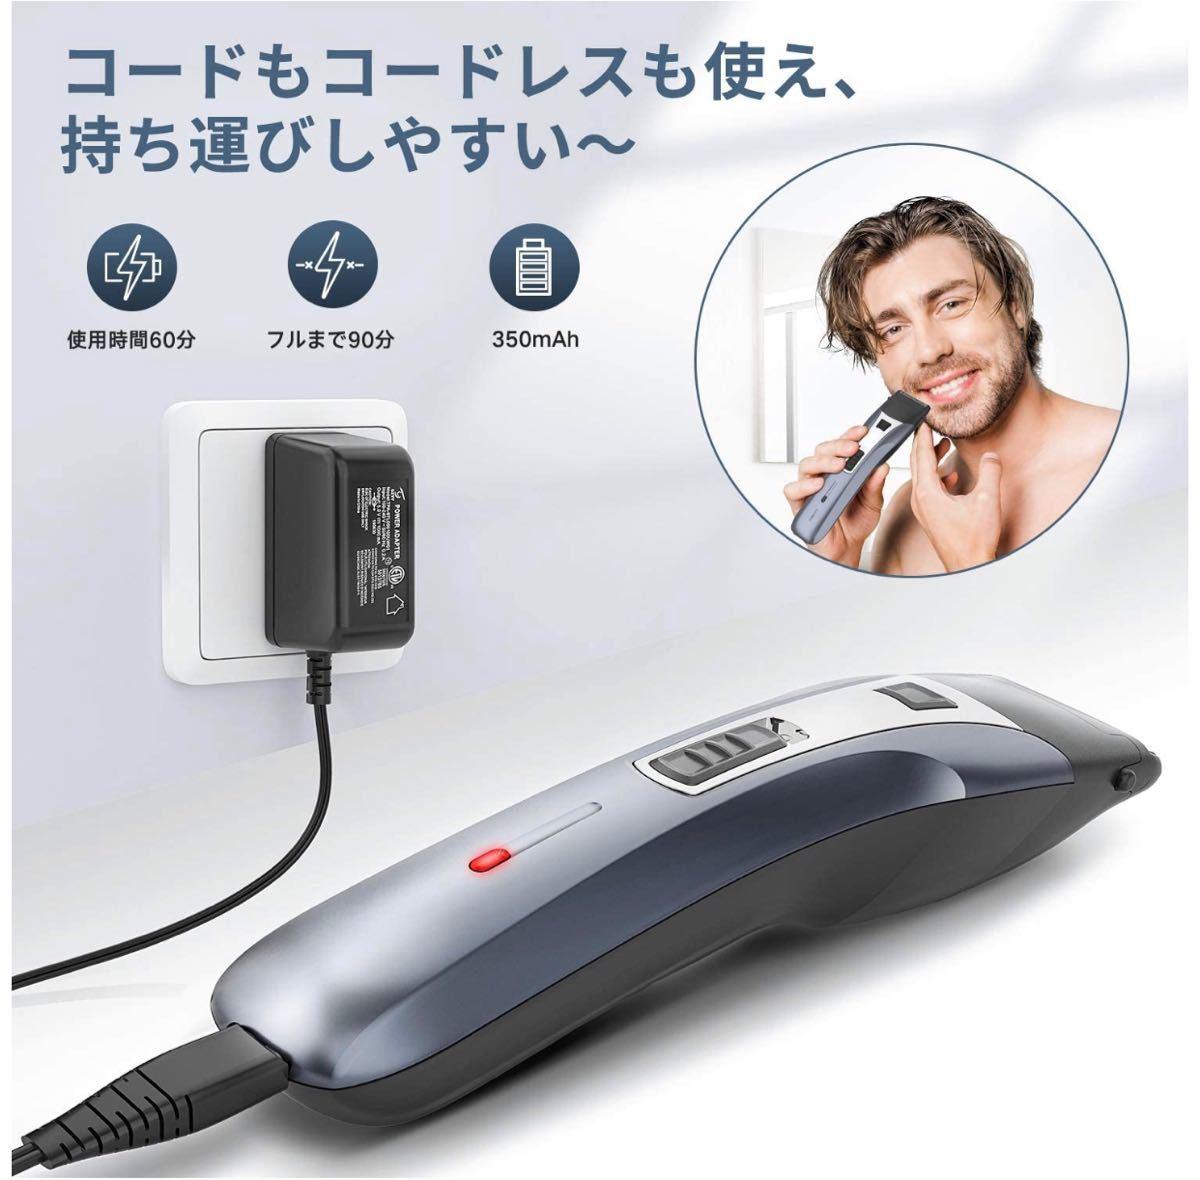 電動バリカン 4in1 ヒゲトリマー ヘアカッター 鼻耳毛カッター 充電式 水洗